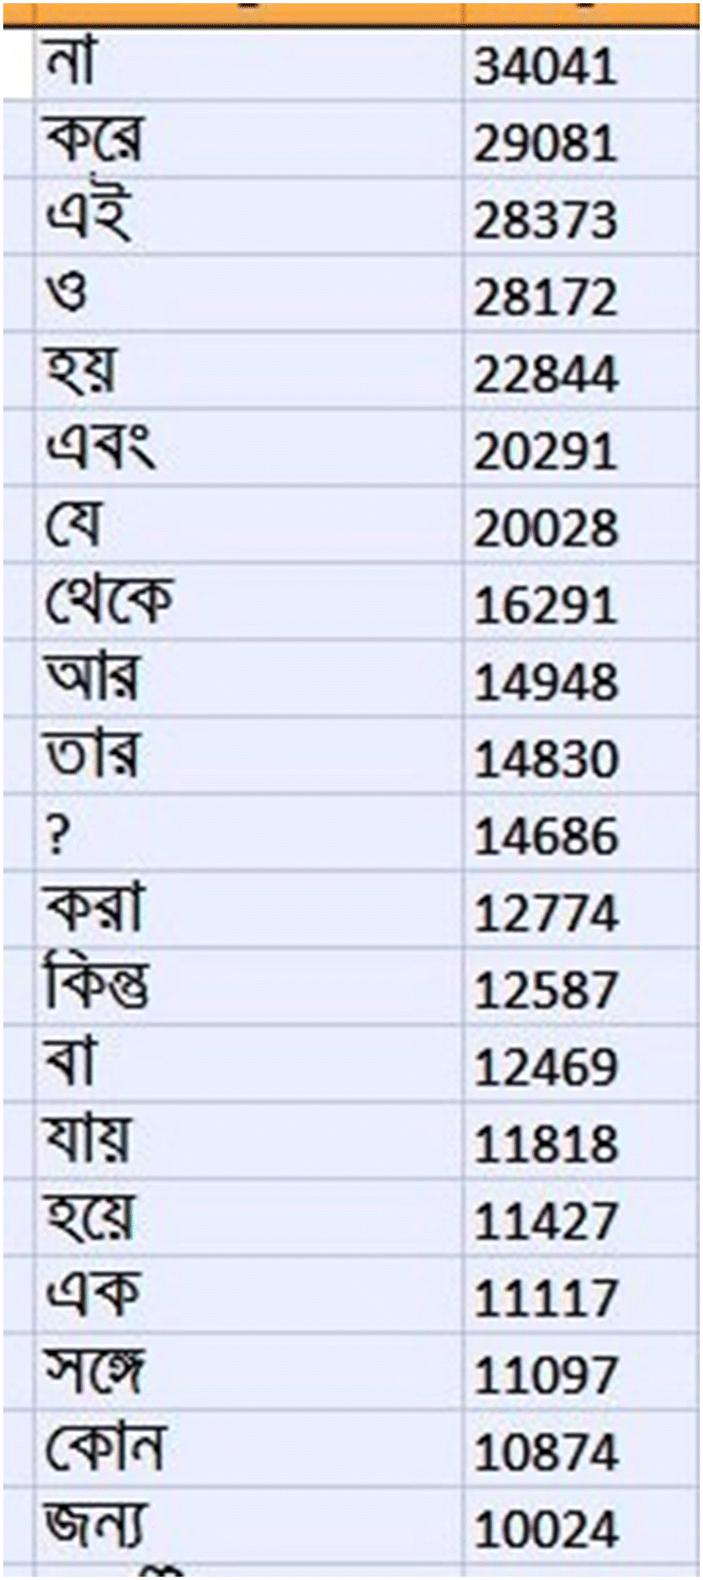 Word Sense Disambiguation in Bengali language using